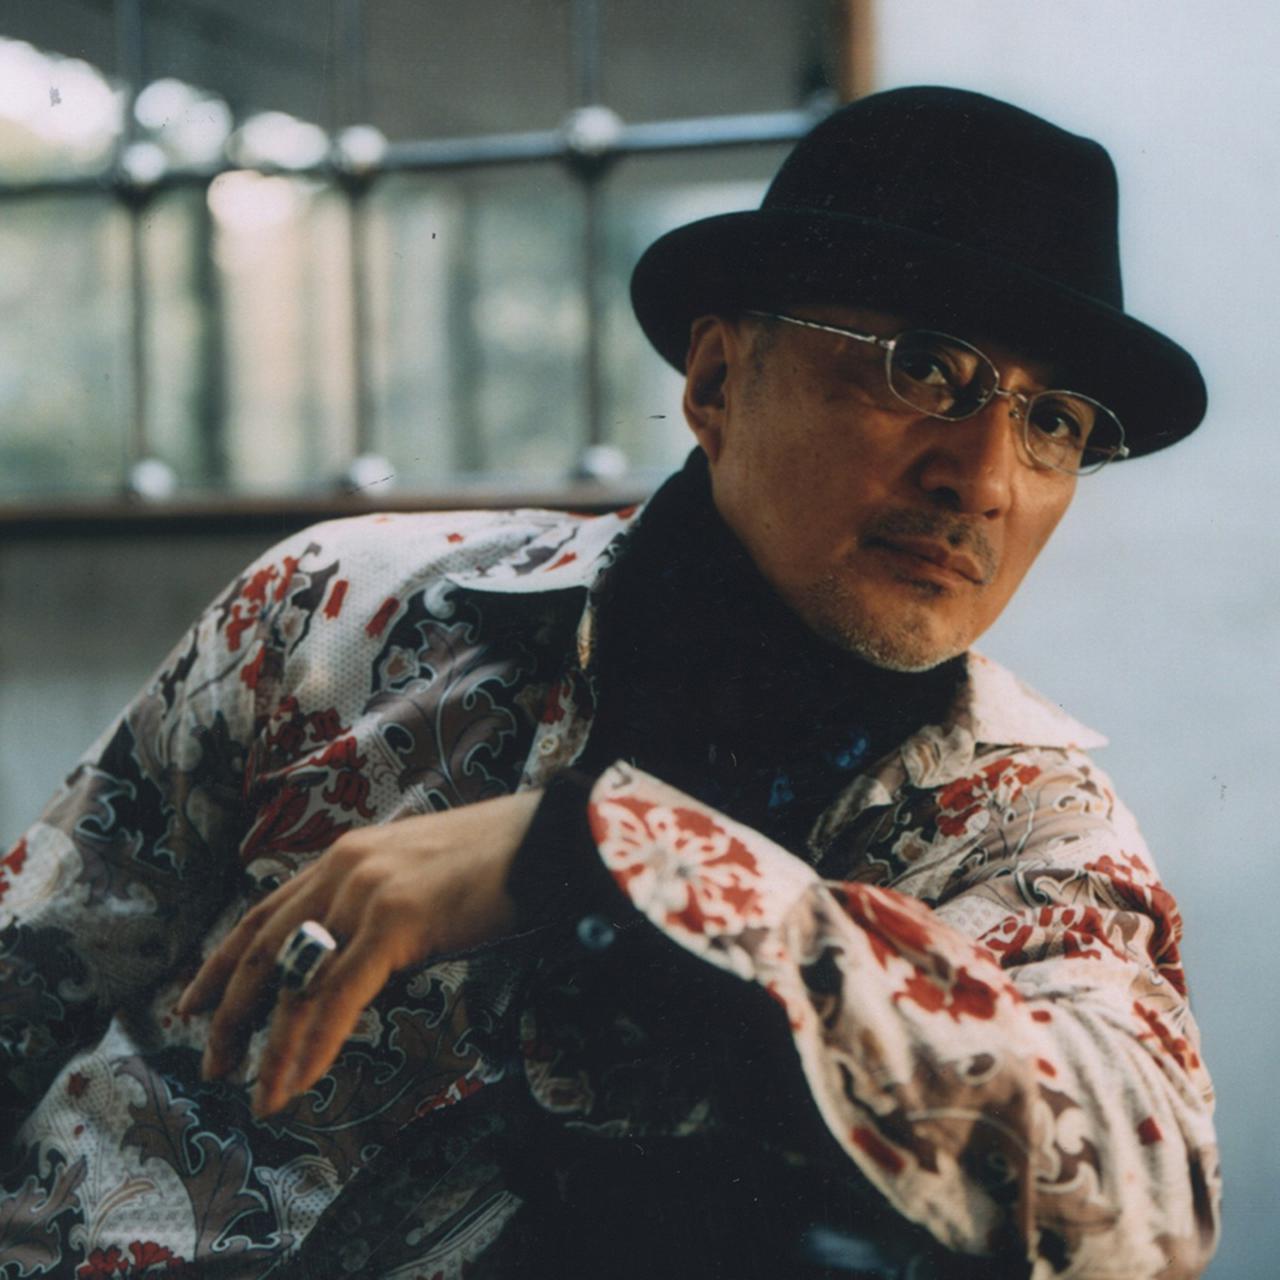 Images : 菊池武夫(TAKEO KIKUCHI)さん